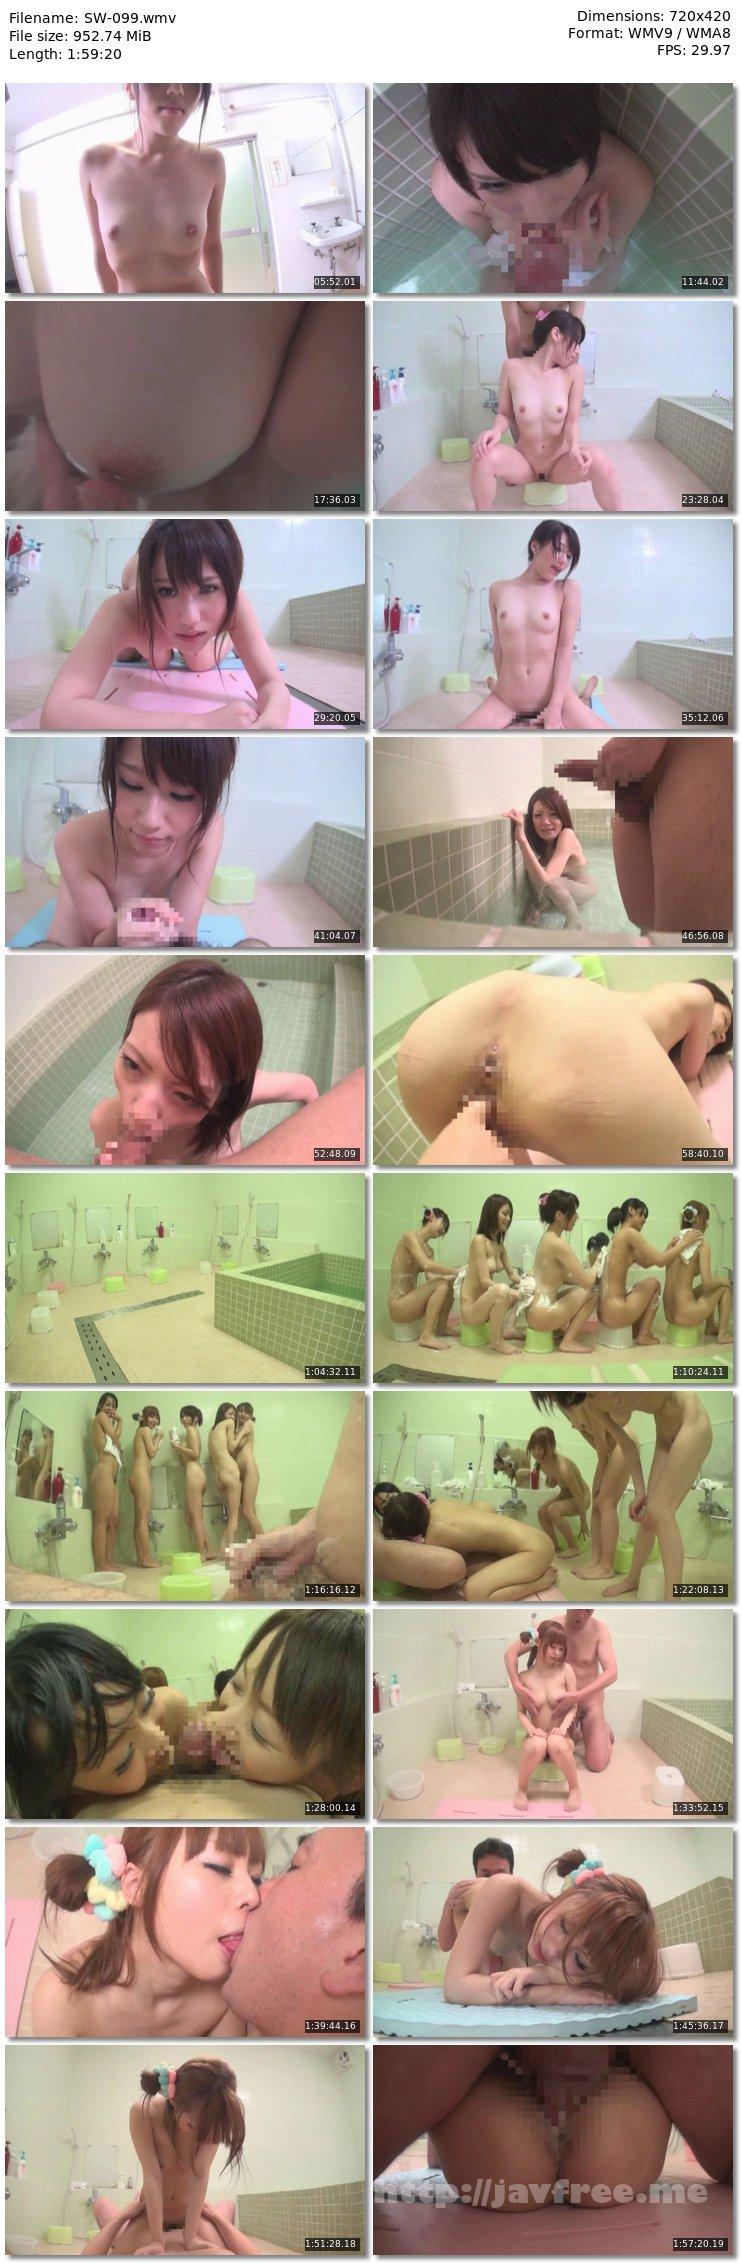 [SW-099] 女子寮風呂 覗いて勃起しているのがバレちゃったのでヤケクソになって突撃したら優しくされた僕